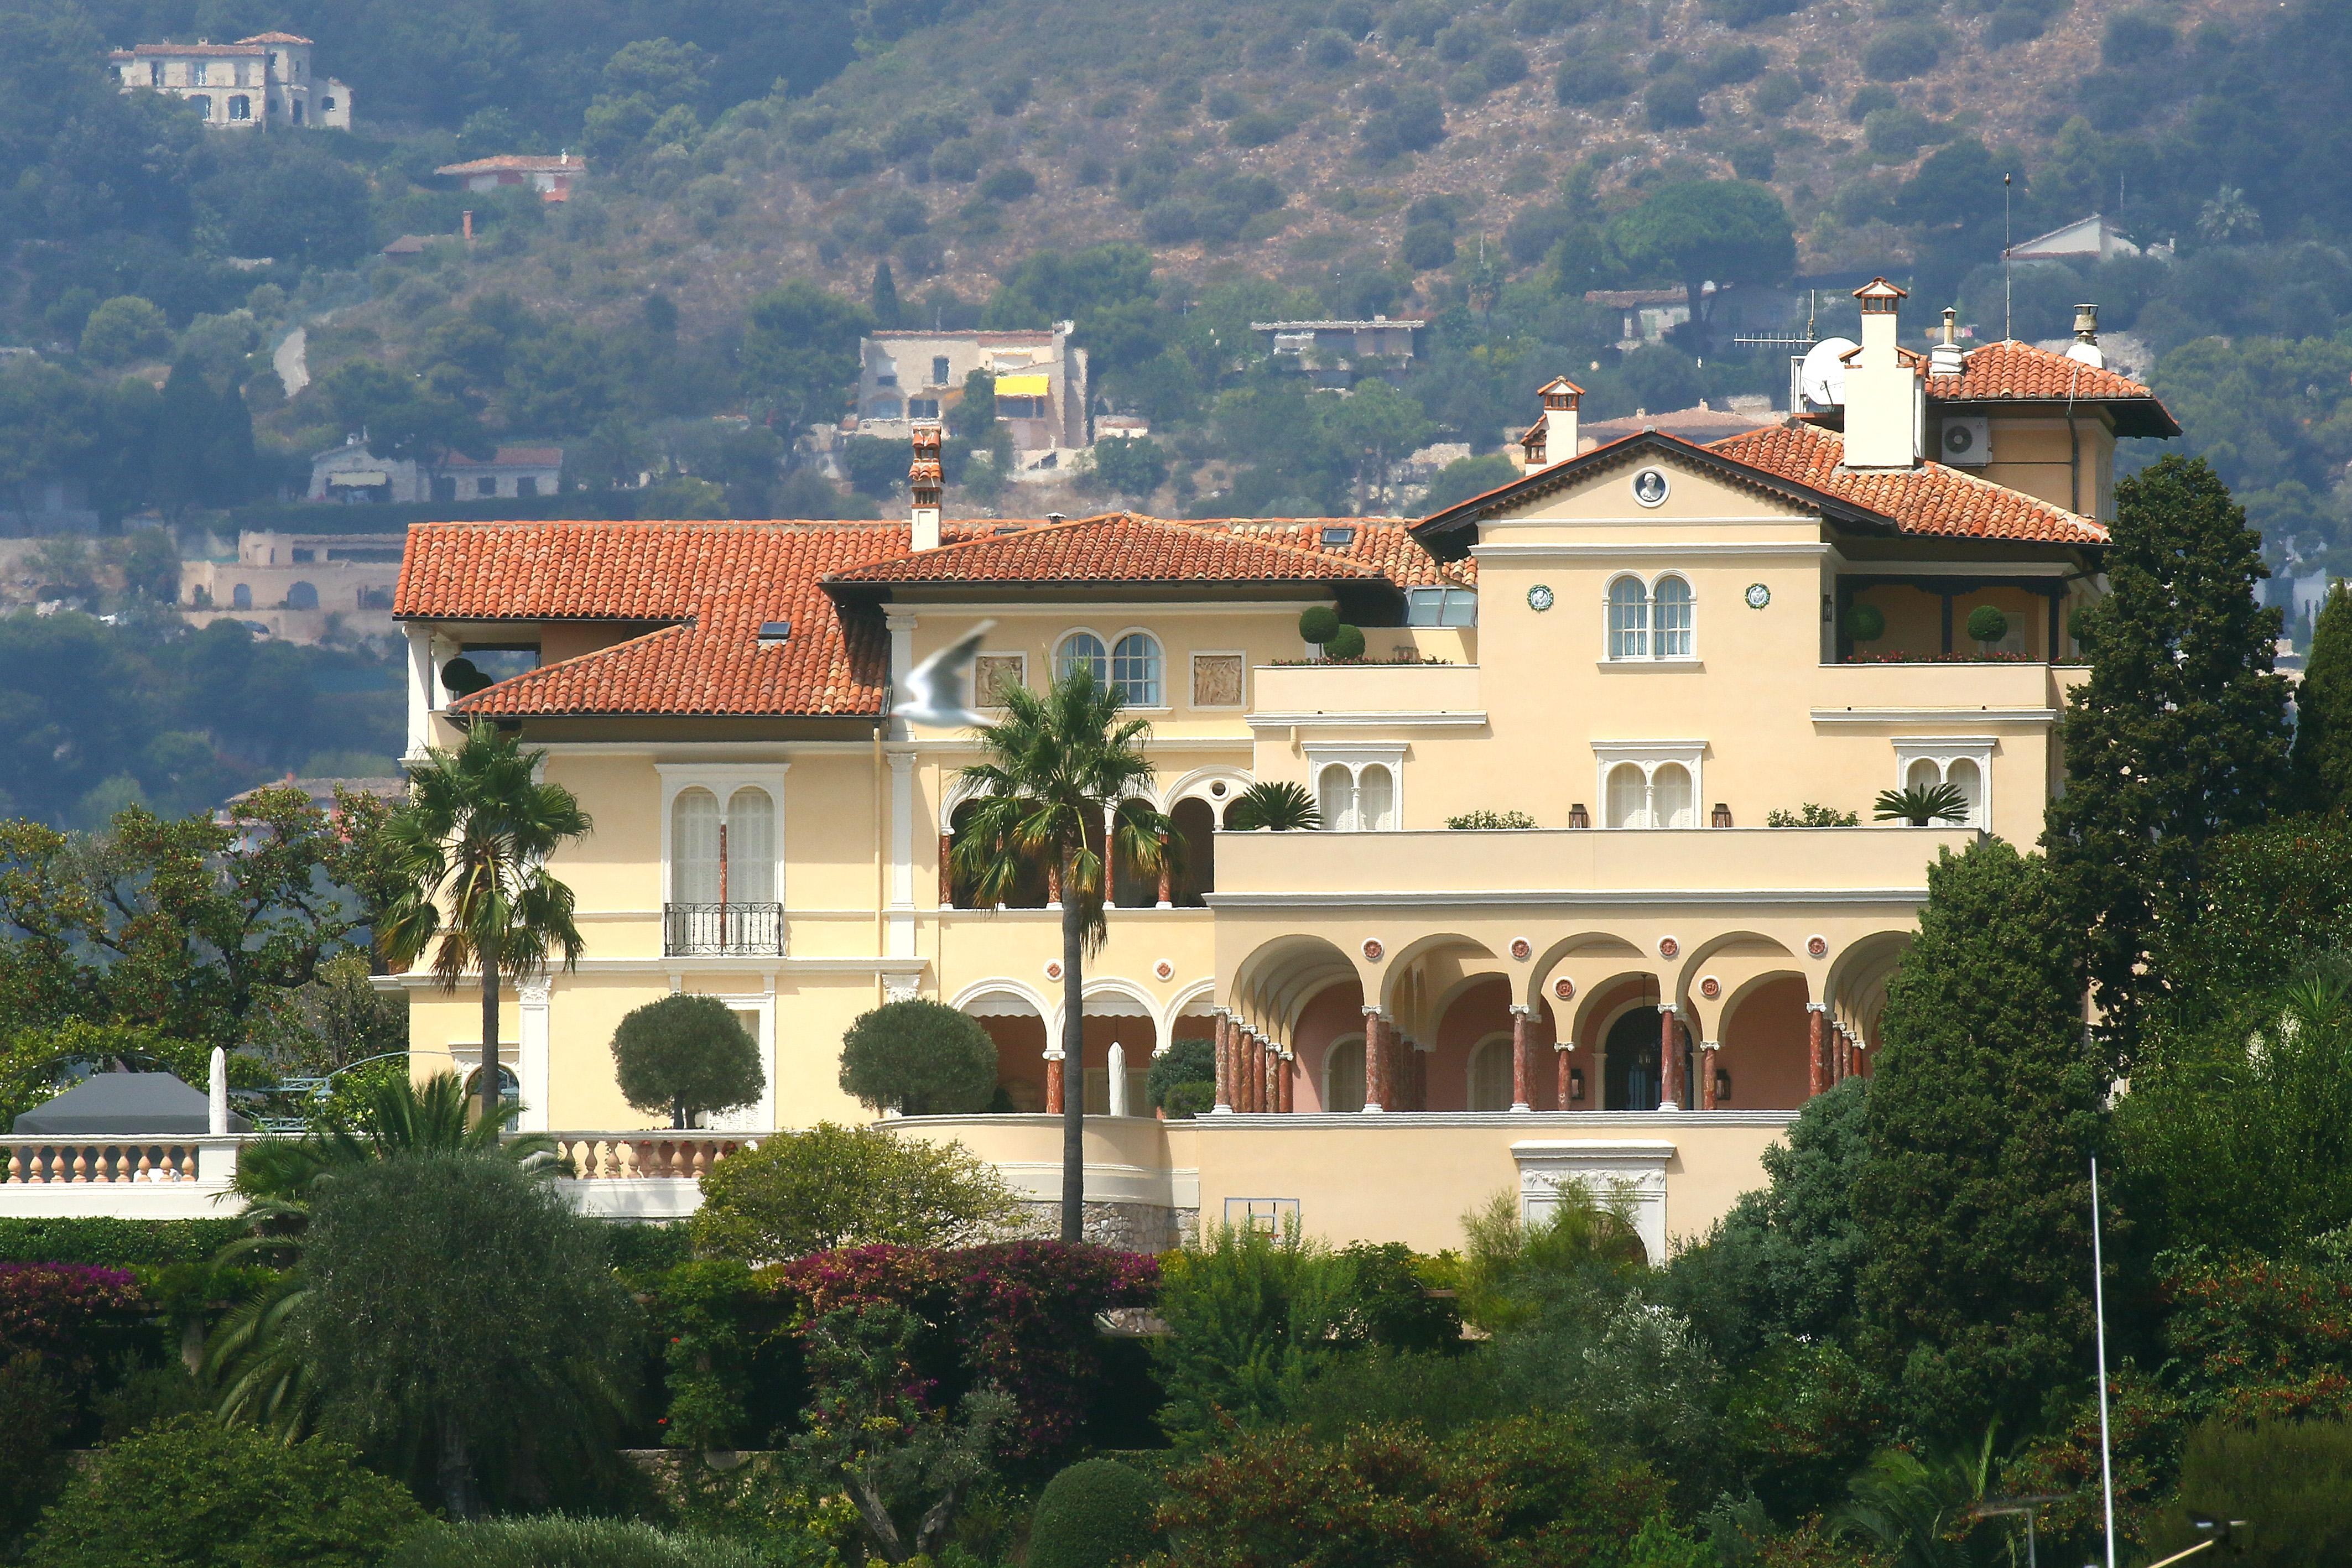 de luxo França Curiosidades imobiliárias casa mais cara da história #A07A2B 4252x2835